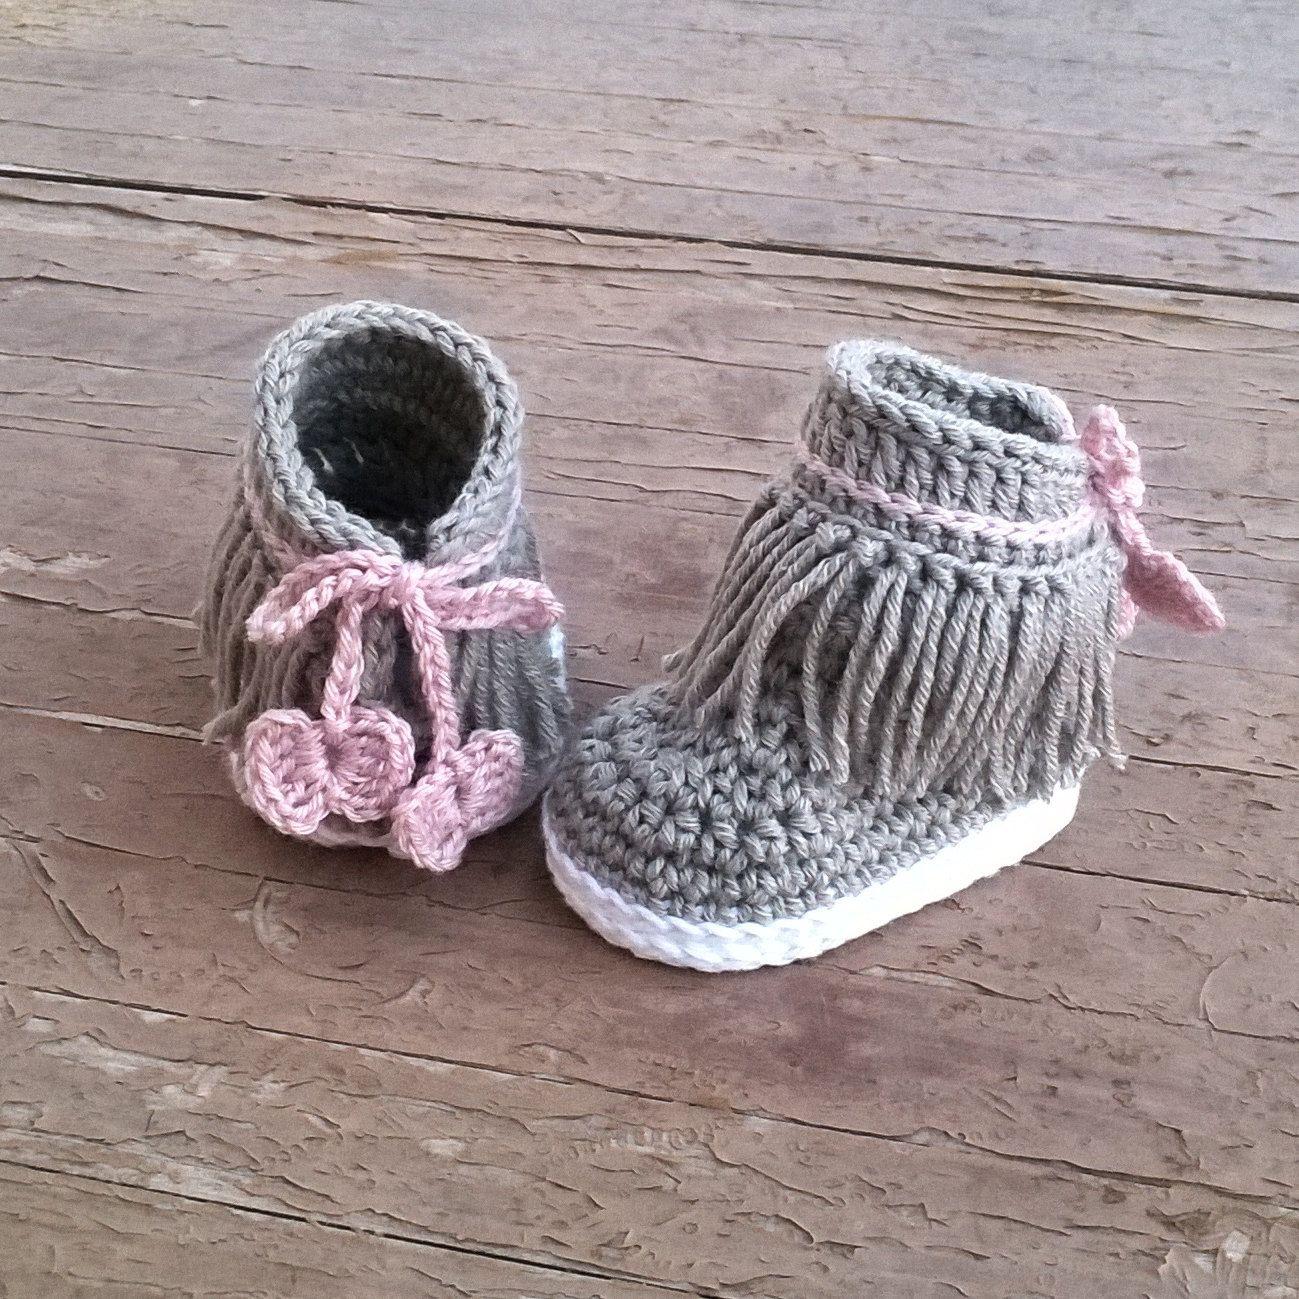 Crochet PATTERN. Dakota baby sneakers | Baby sneakers, Basic crochet ...